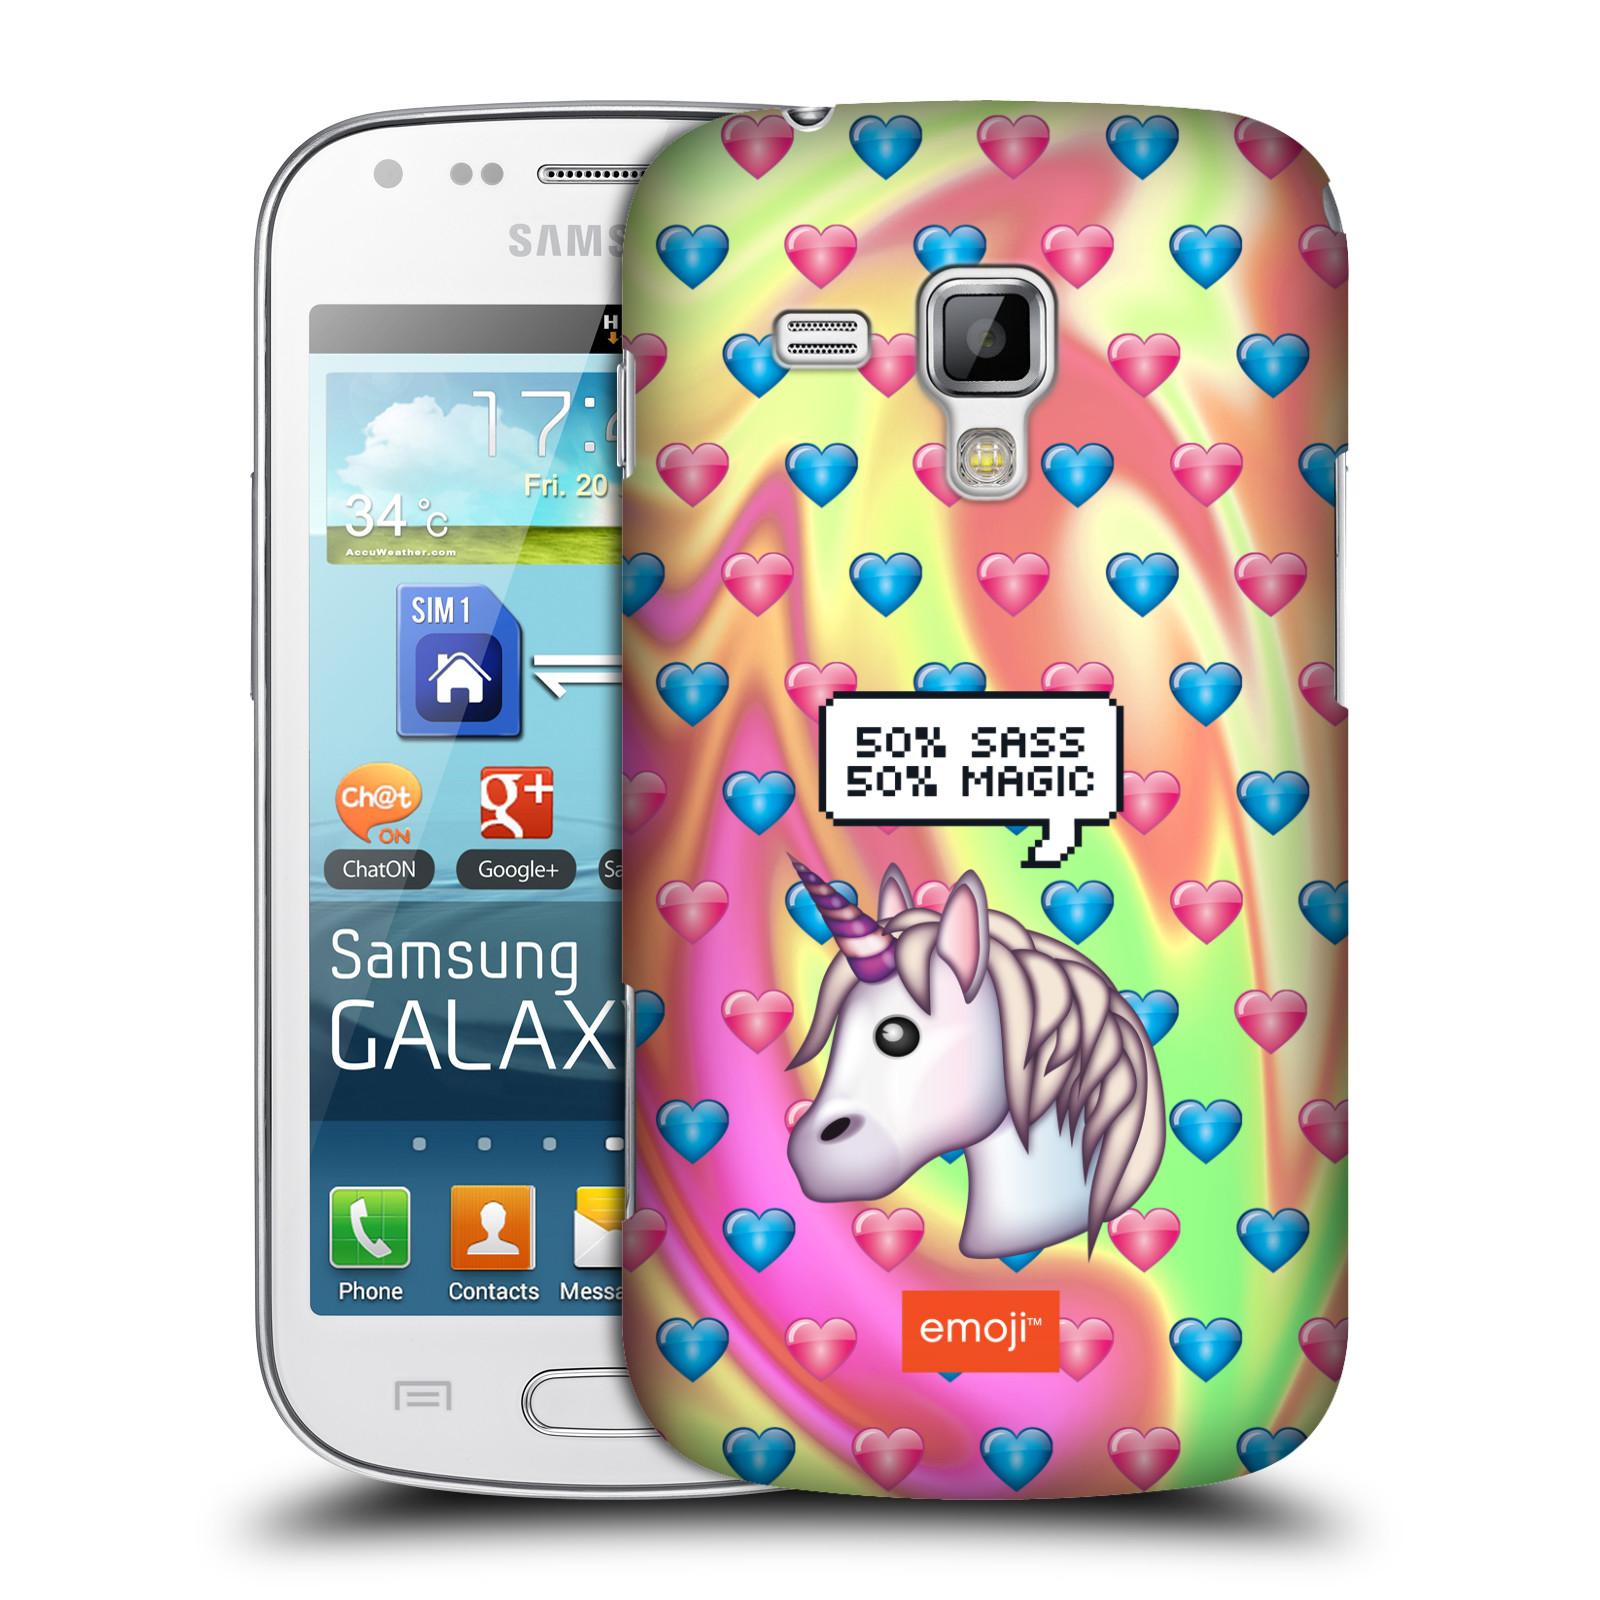 Plastové pouzdro na mobil Samsung Galaxy Trend HEAD CASE EMOJI - Jednorožec (Kryt či obal s oficiálním motivem EMOJI na mobilní telefon Samsung Galaxy Trend GT-S7560)